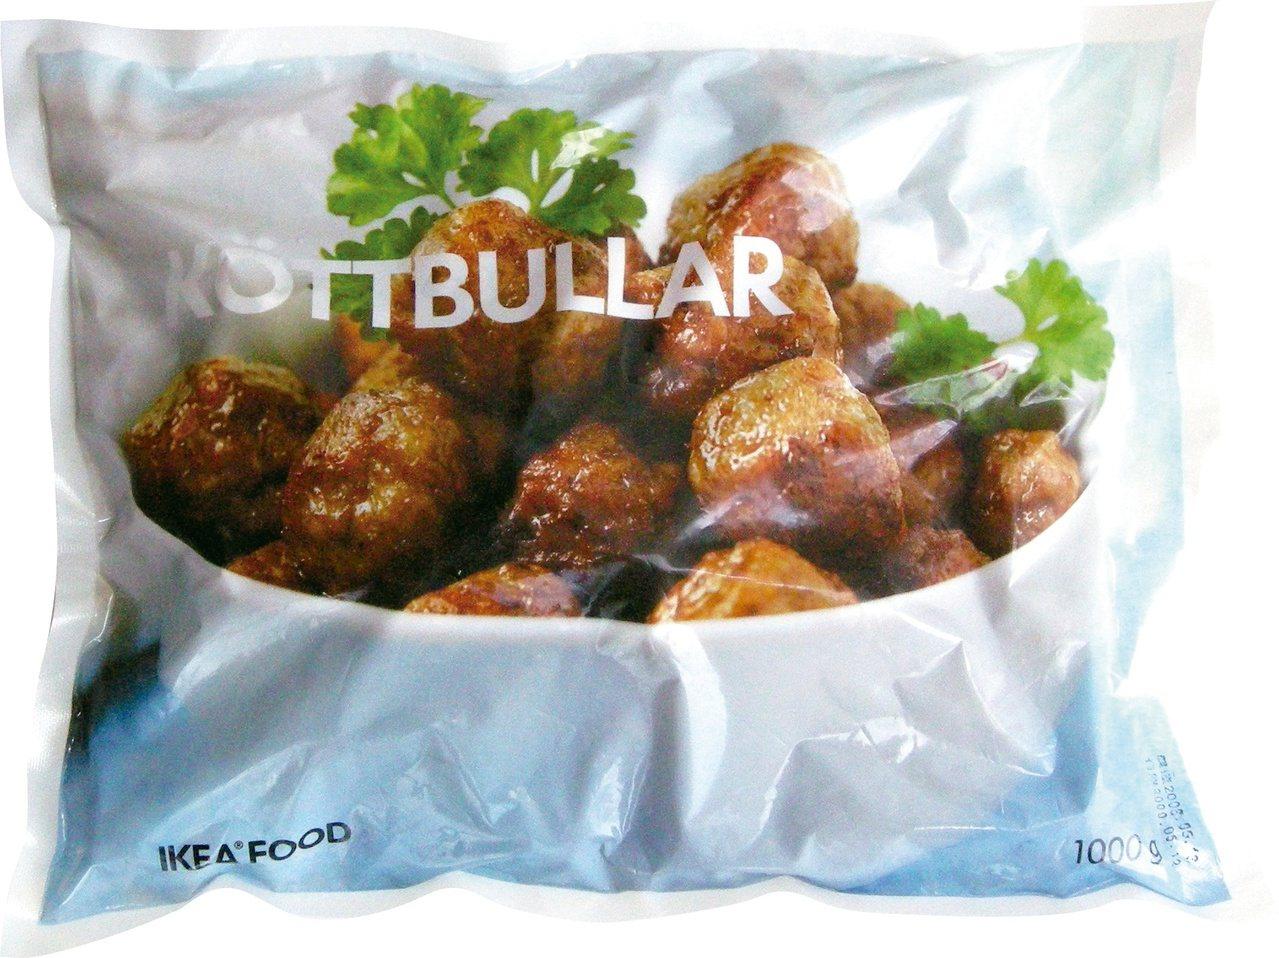 瑞典肉丸是IKEA瑞典食品超市隱藏版高CP食材第一名,售價300元。圖/IKEA...